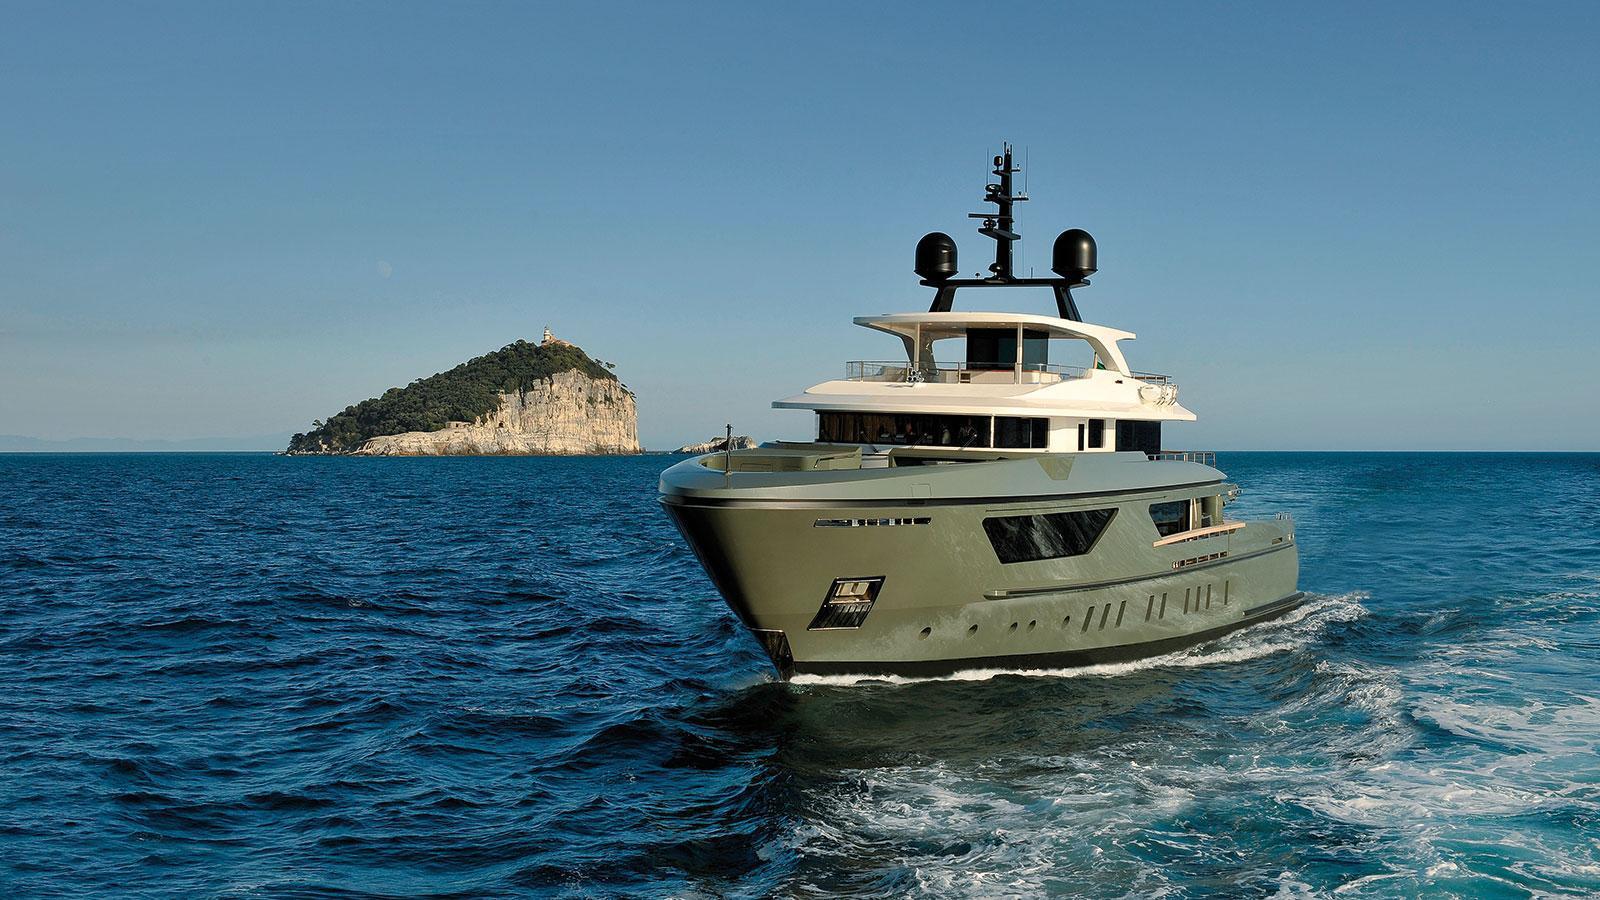 moka-expedition-motor-yacht-sanlorenzo-460-exp-2015-42m-cruising-bow